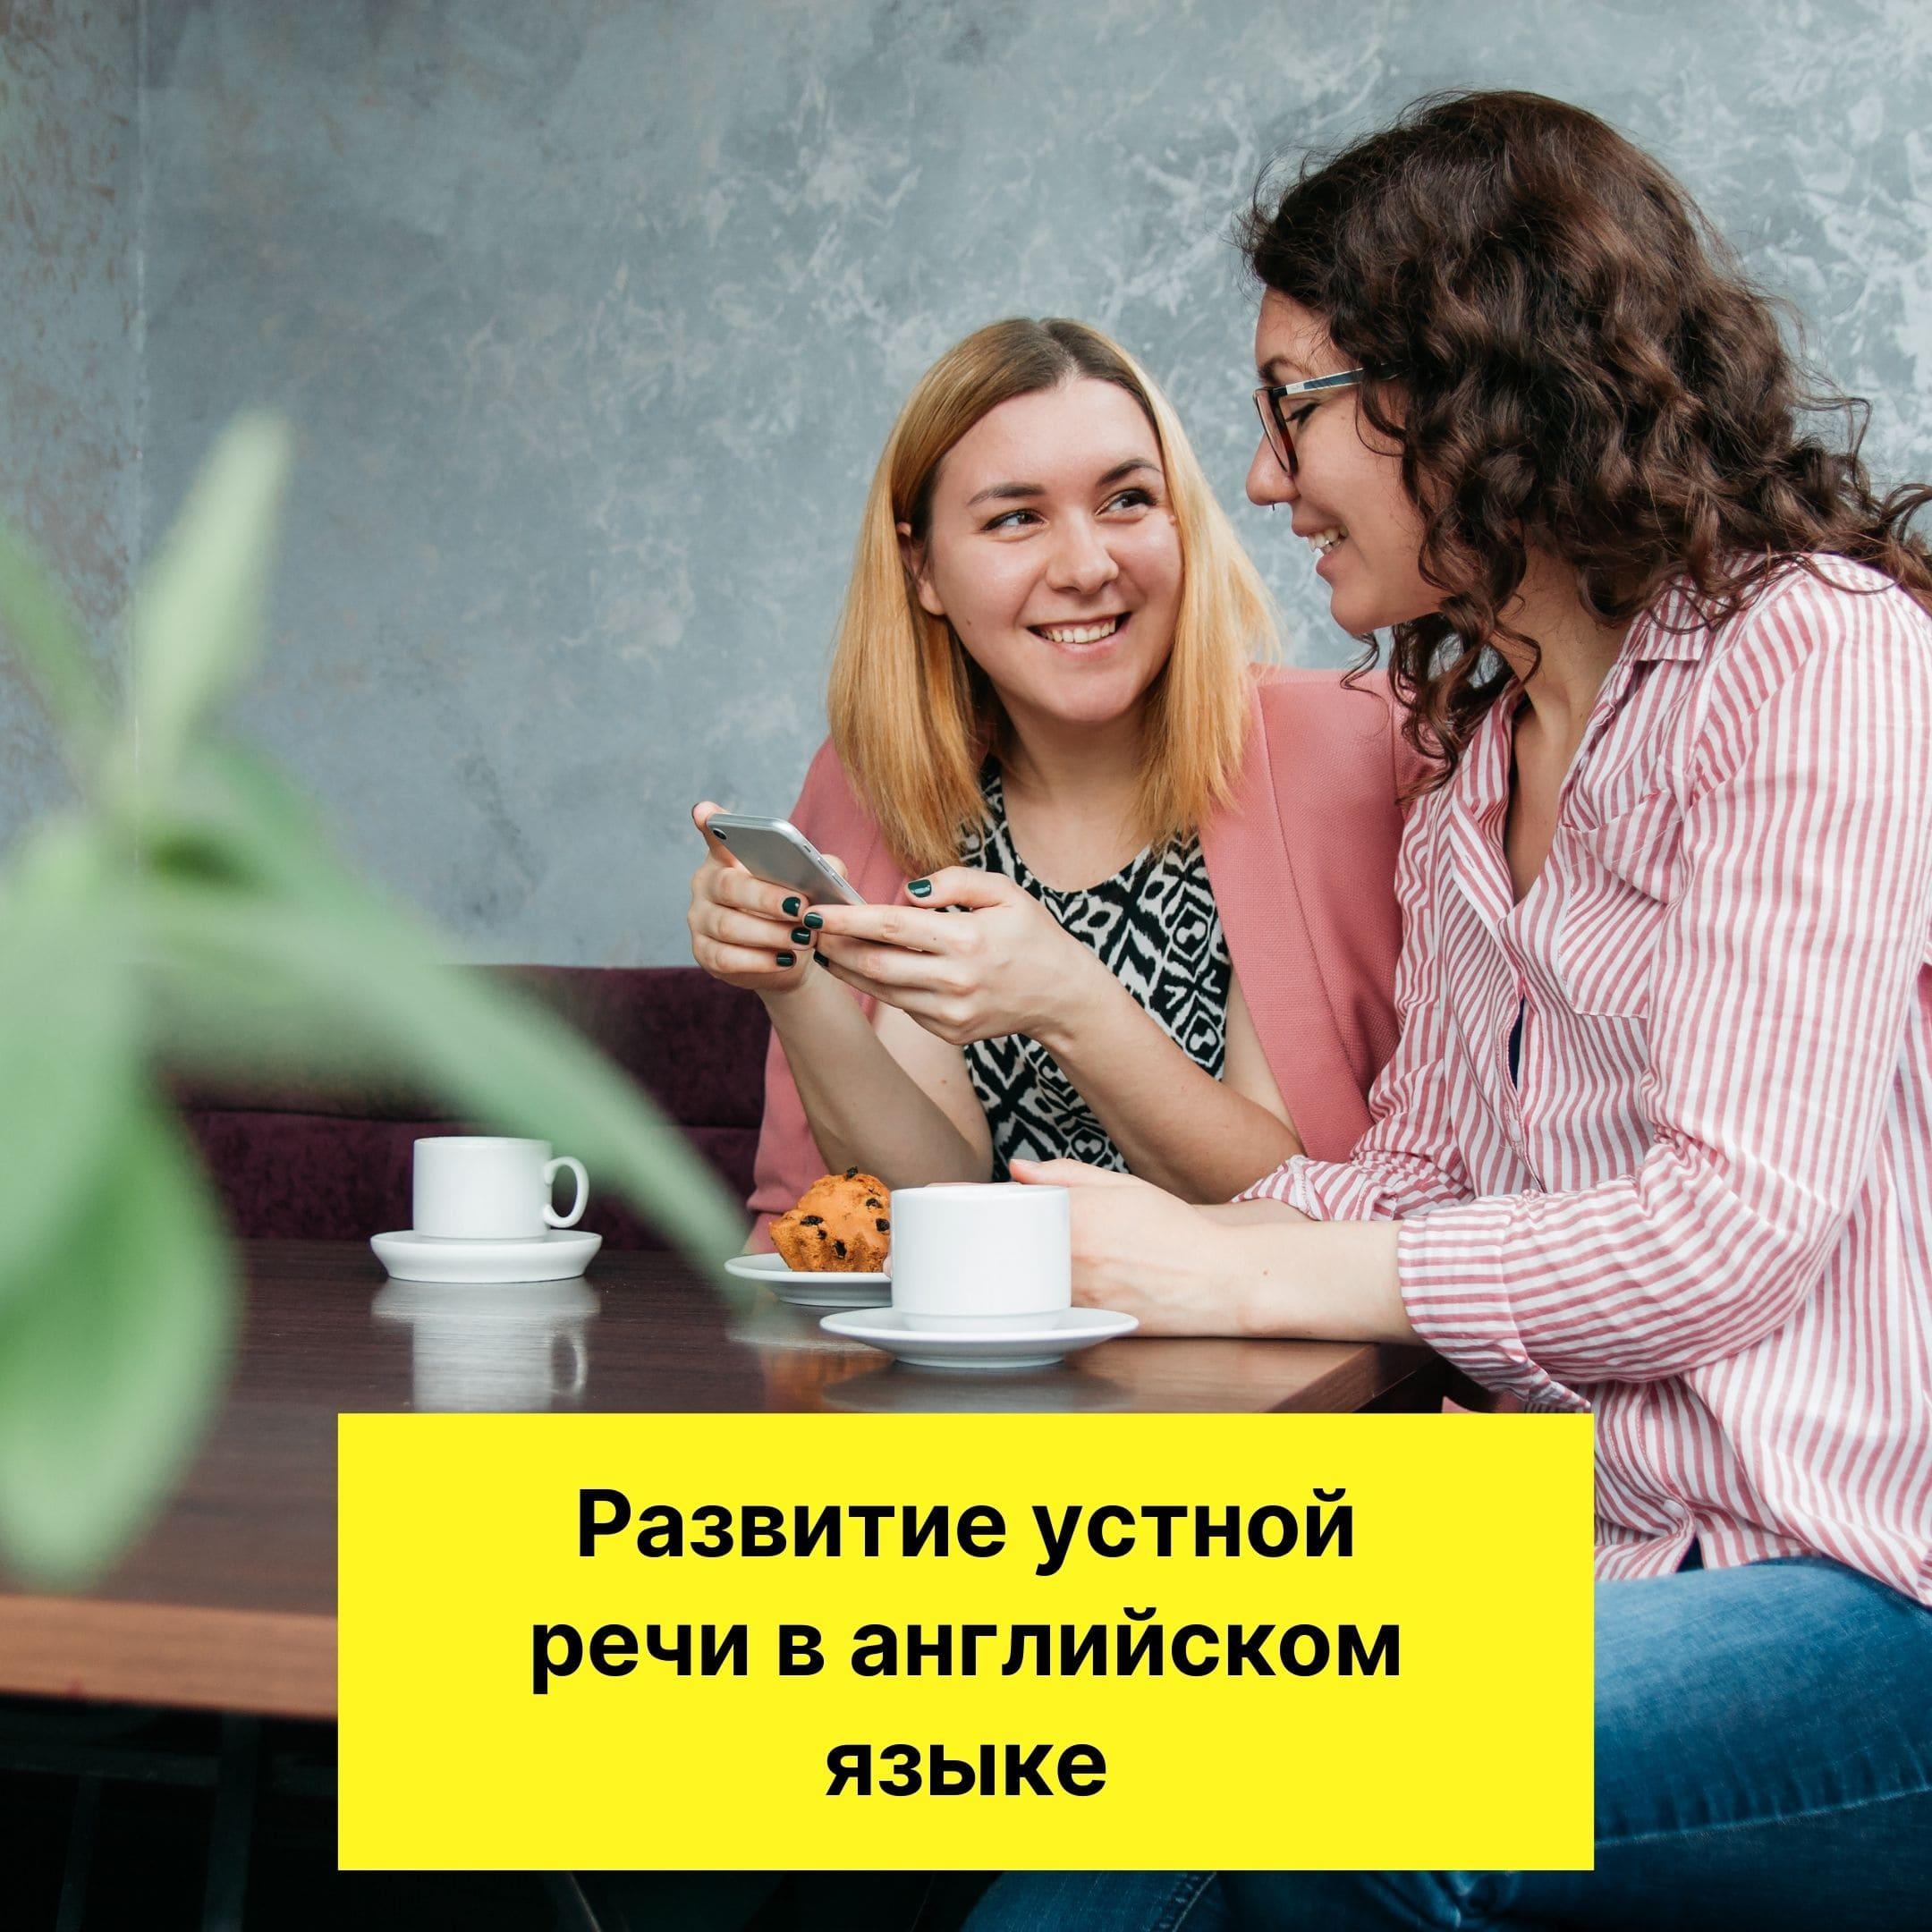 Развитие устной речи в английском языке.